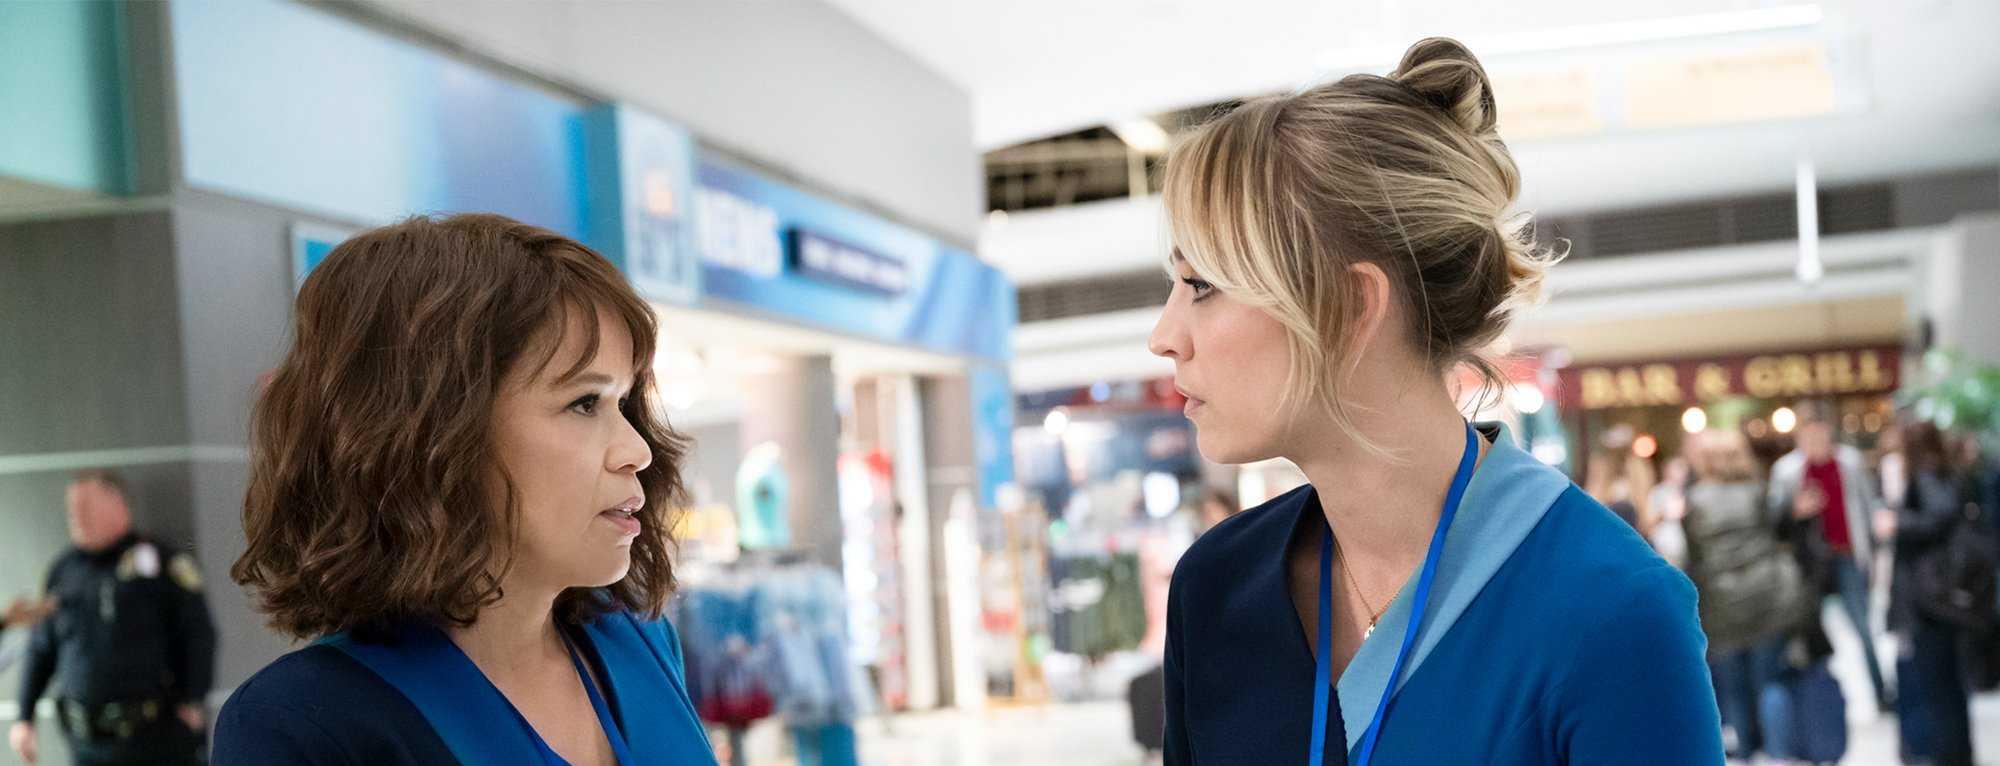 The Flight Attendant temporada 2: nuevo reparto y trama revelados